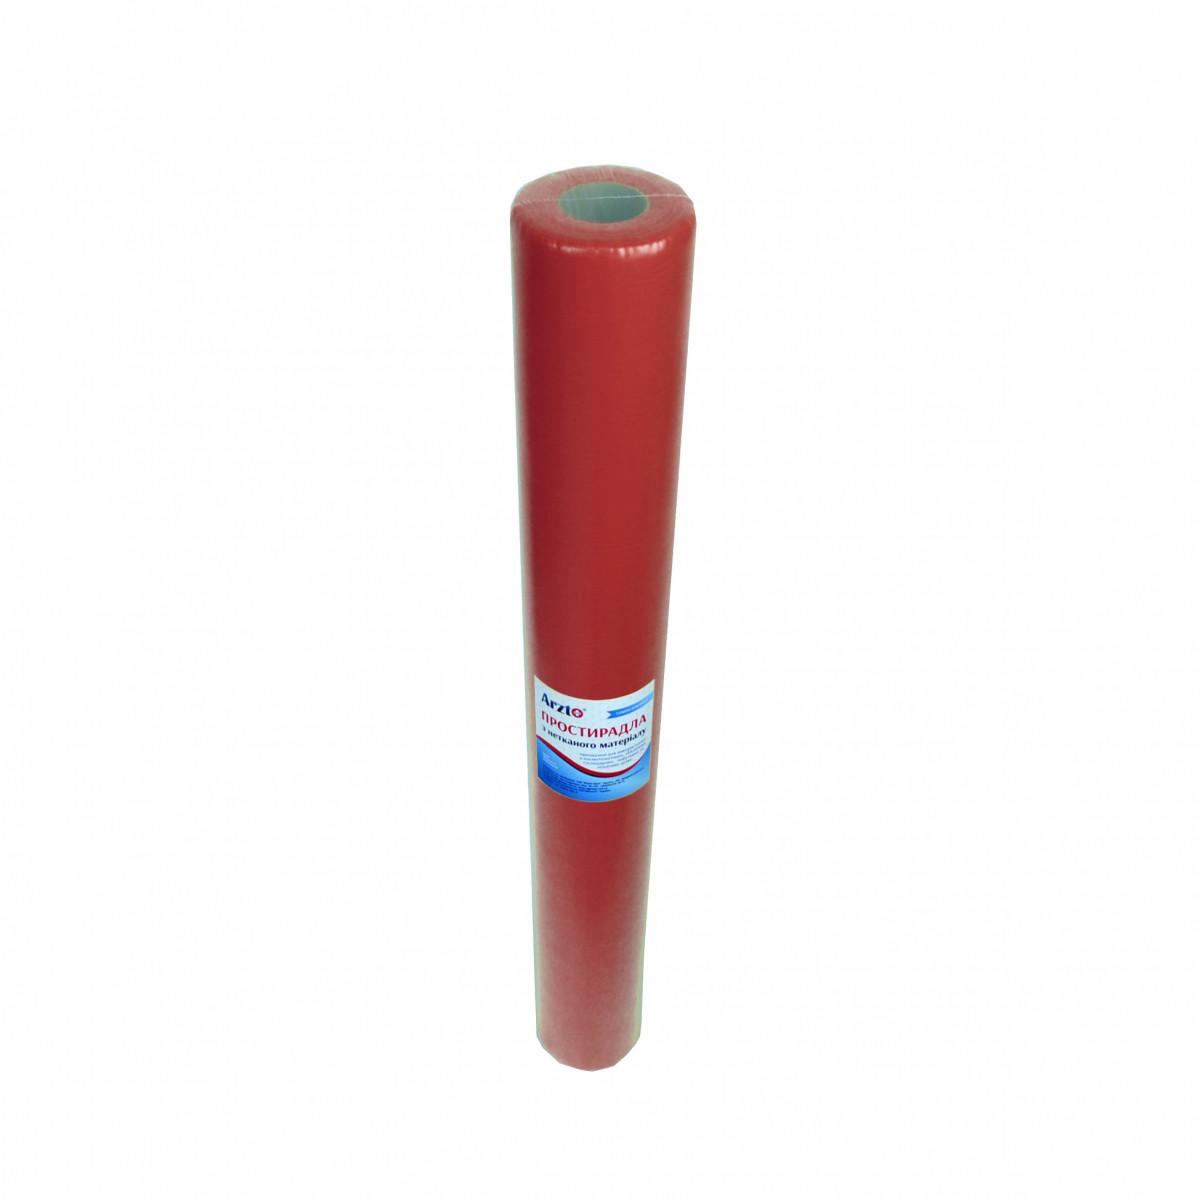 Рулон спанбонд Arzt plus 0,6х100 без перфорации (20 г/м2) рубиновый